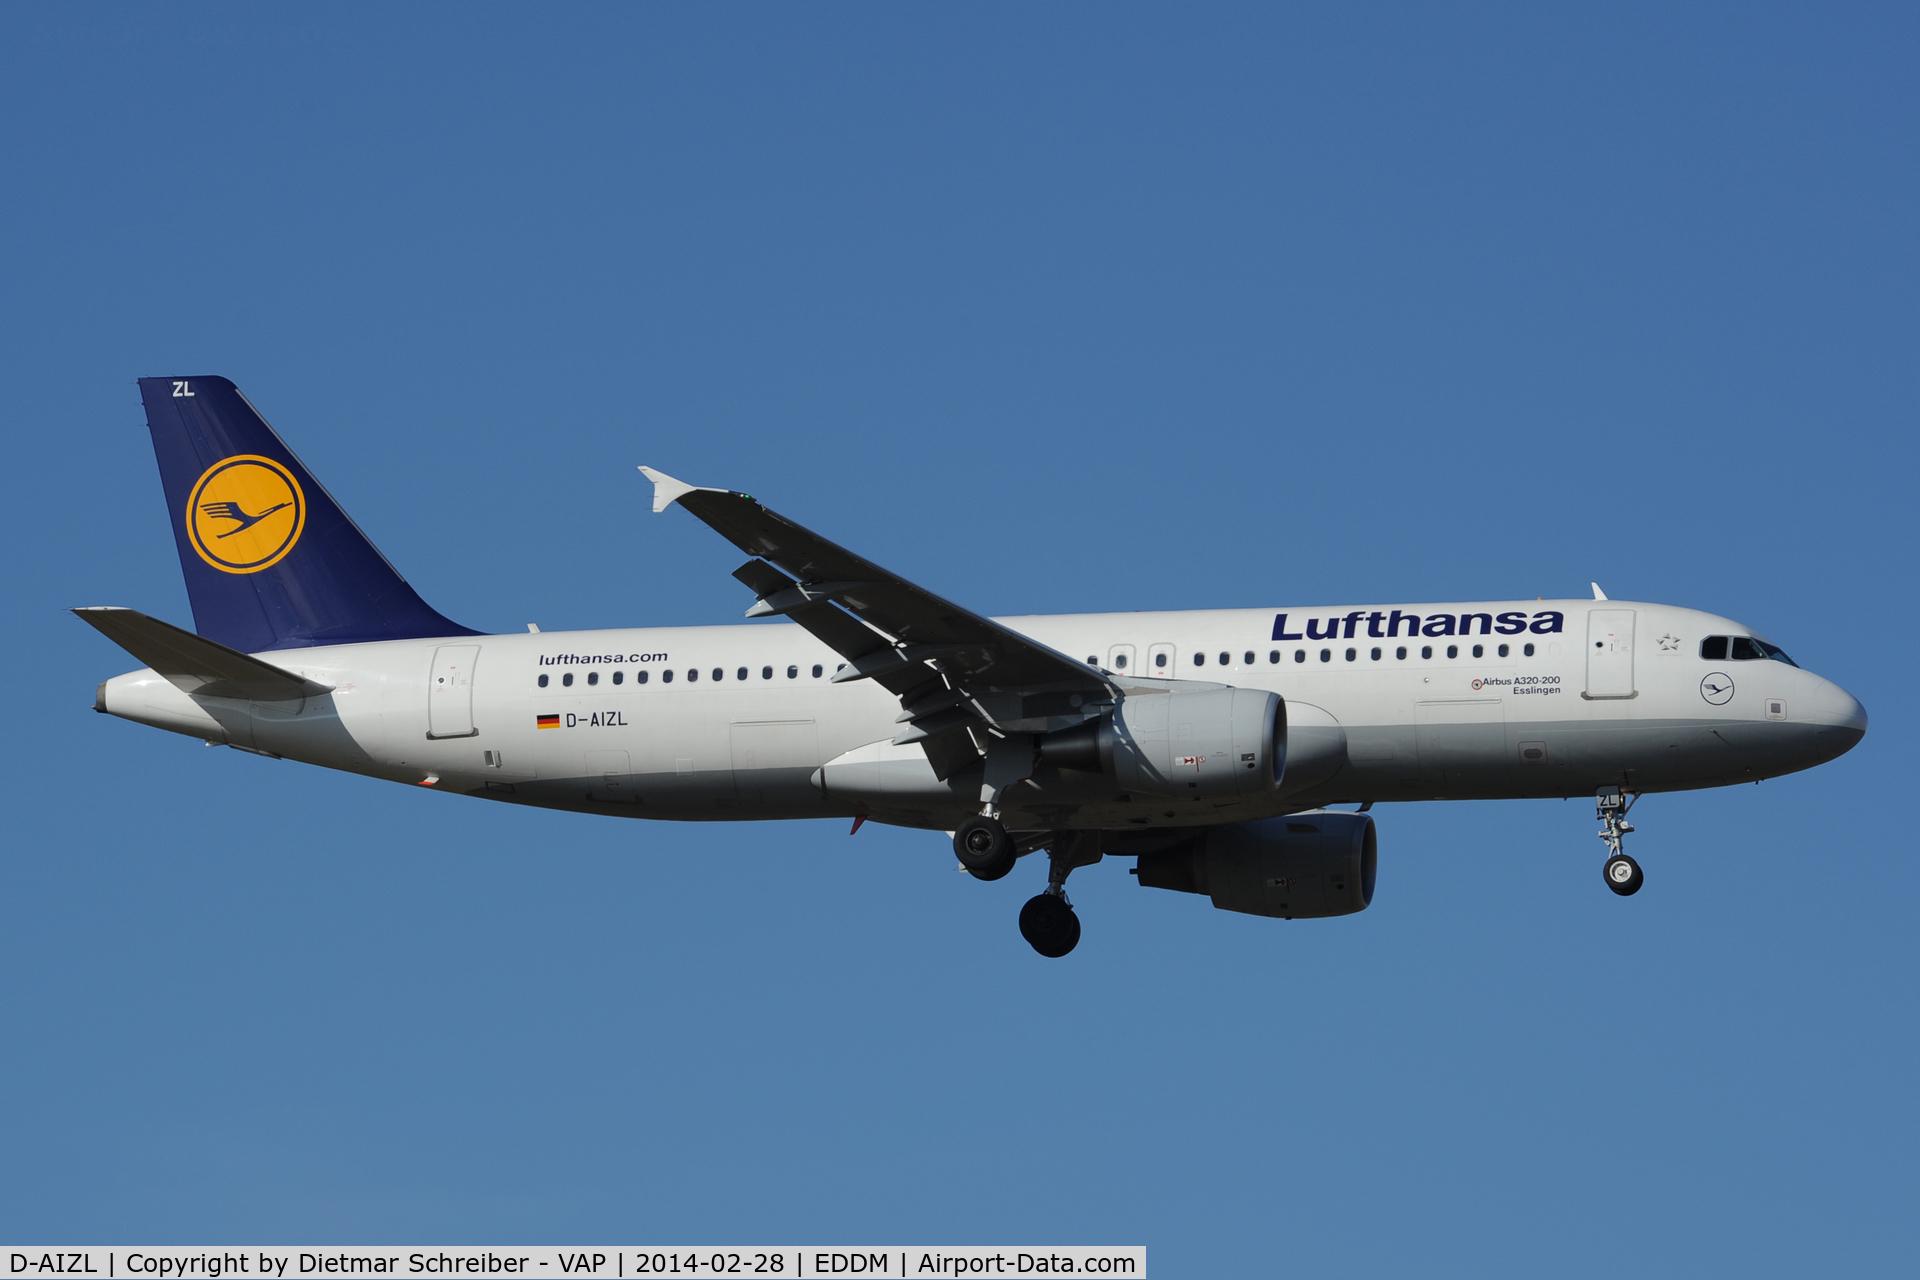 D-AIZL, 2012 Airbus A320-214 C/N 5181, Lufthansa Airbus 320